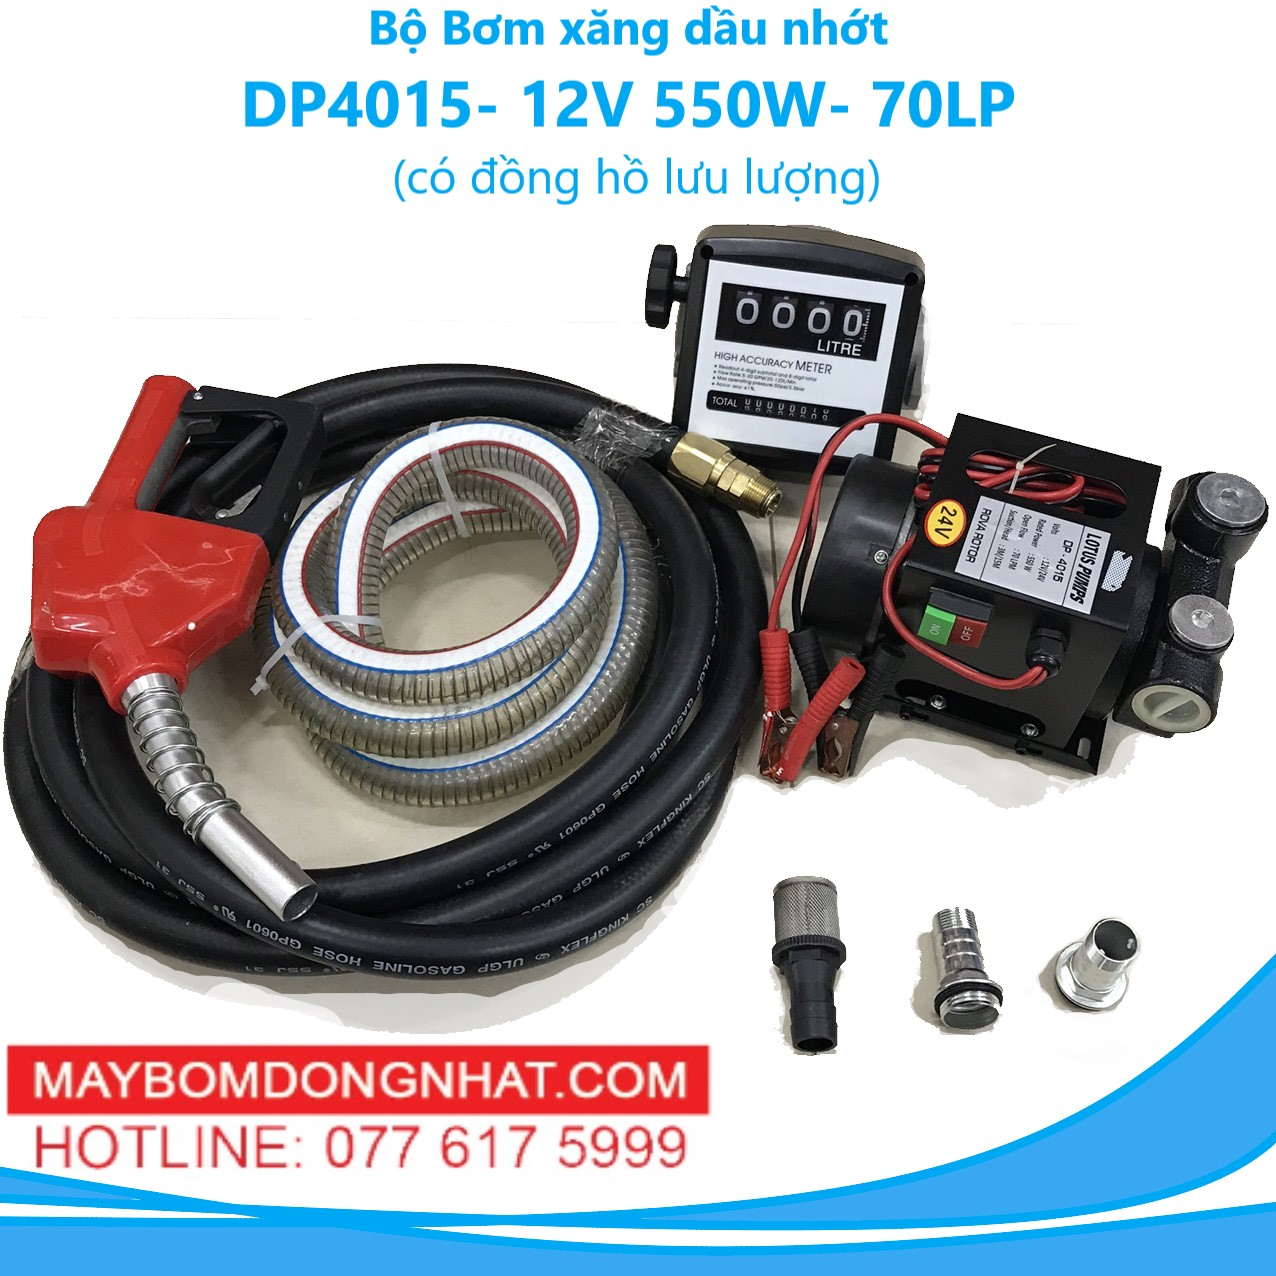 Bộ bơm xăng dầu nhớt DP4015- 12V 550W- 70LP (có đồng hồ lưu lượng)